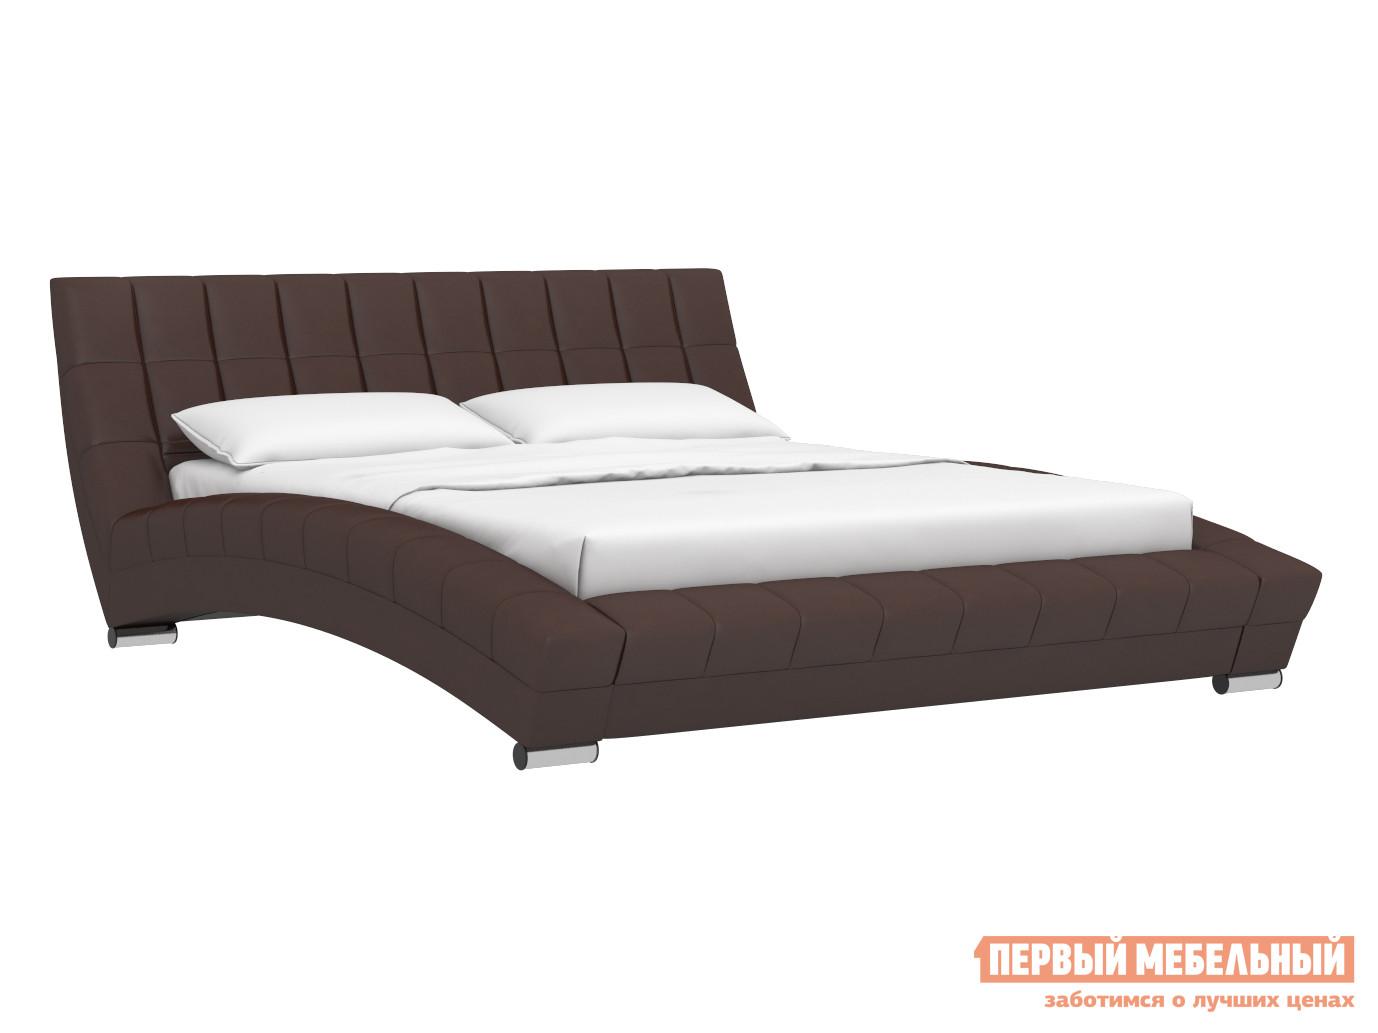 Двуспальная кровать  Кровать Оливия 160х200 Темно-коричневый, экокожа — Кровать Оливия 160х200 Темно-коричневый, экокожа